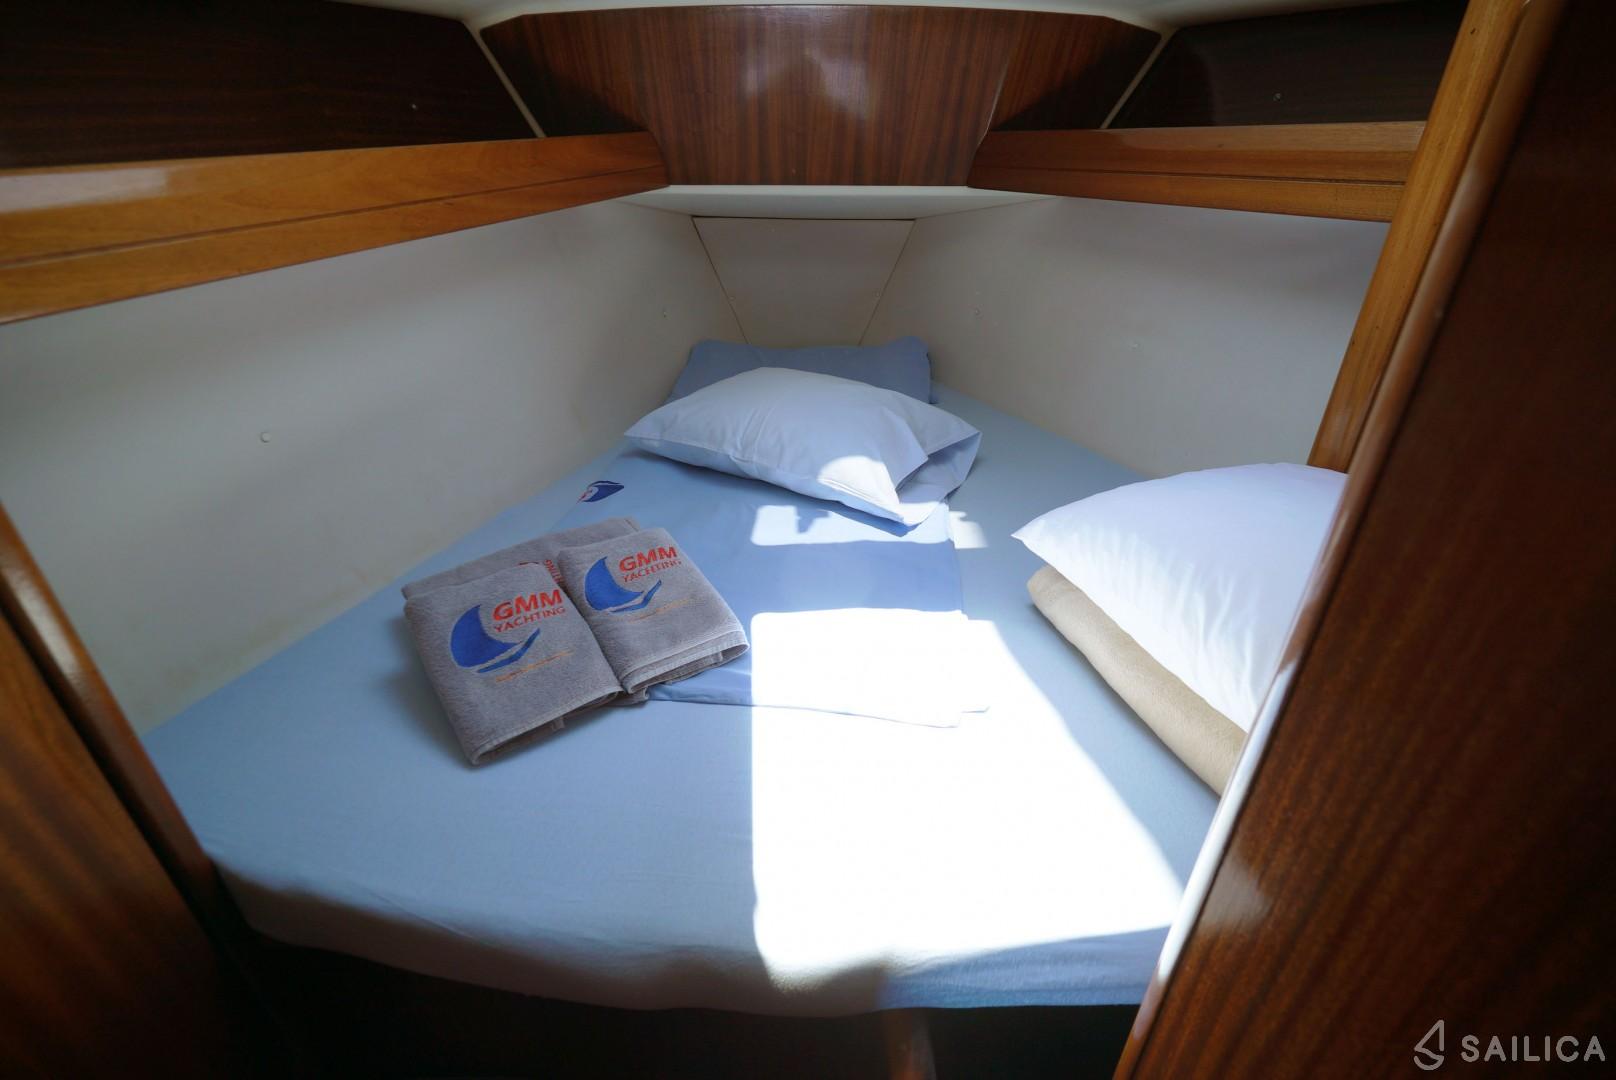 bosun chair rental custom bean bag chairs bavaria 42 for rent in marmaris aegean sea